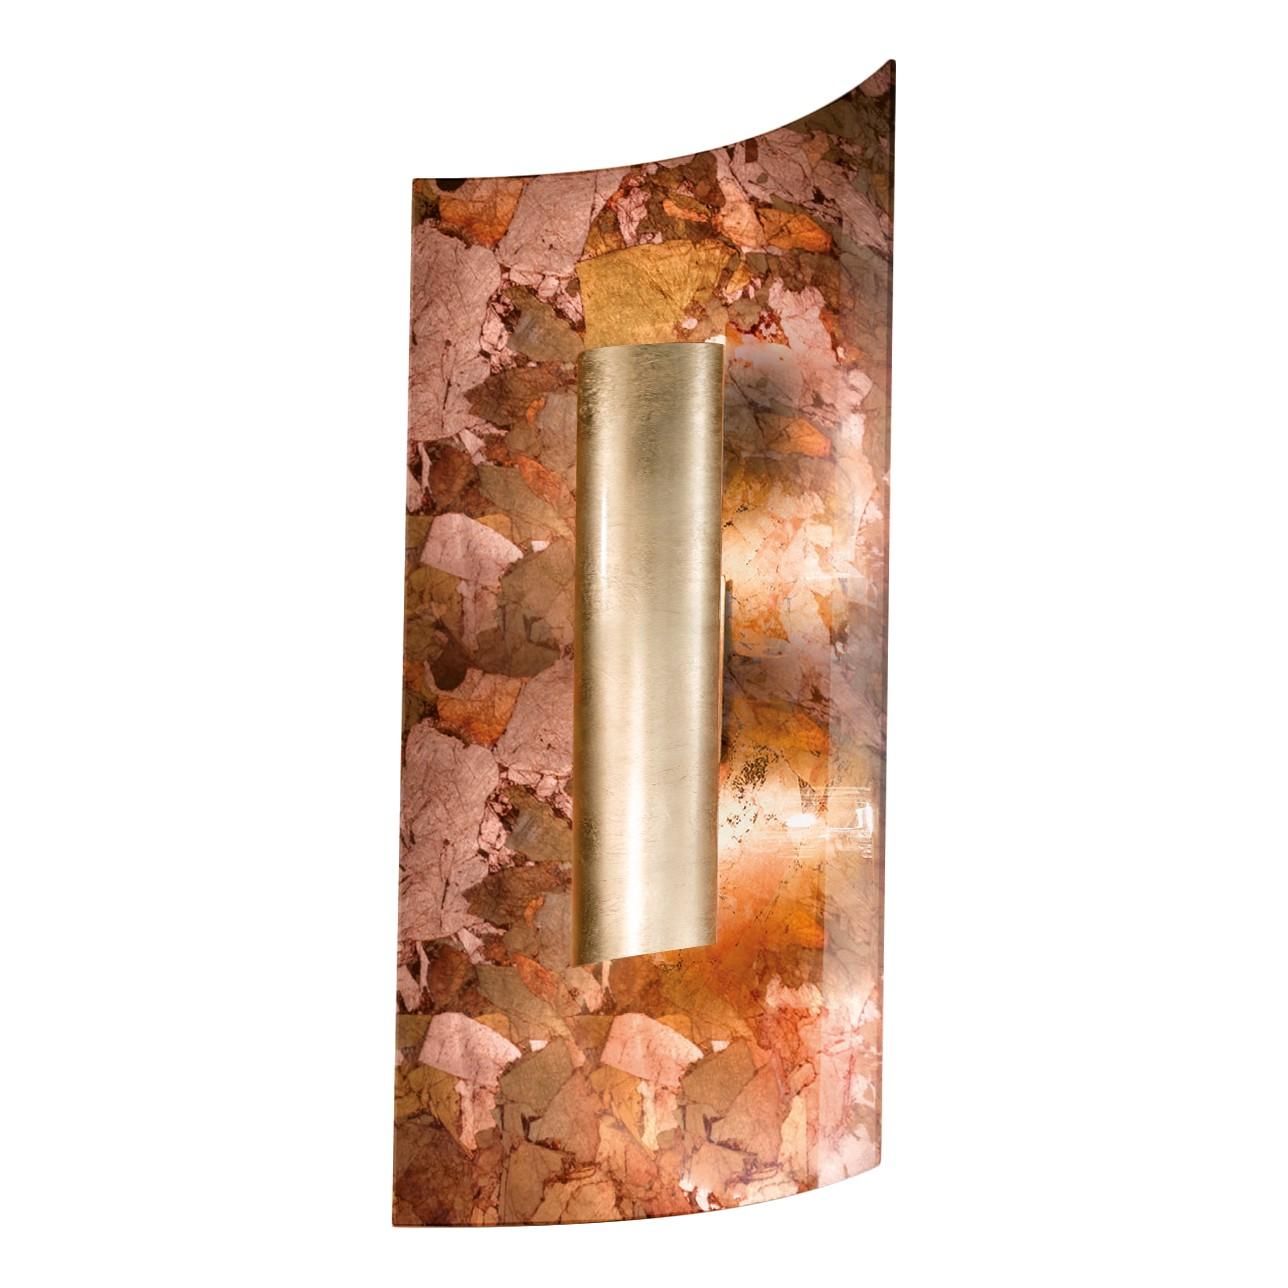 Lampada da soffitto Aura Herbst 45 cm, Hans Koegl